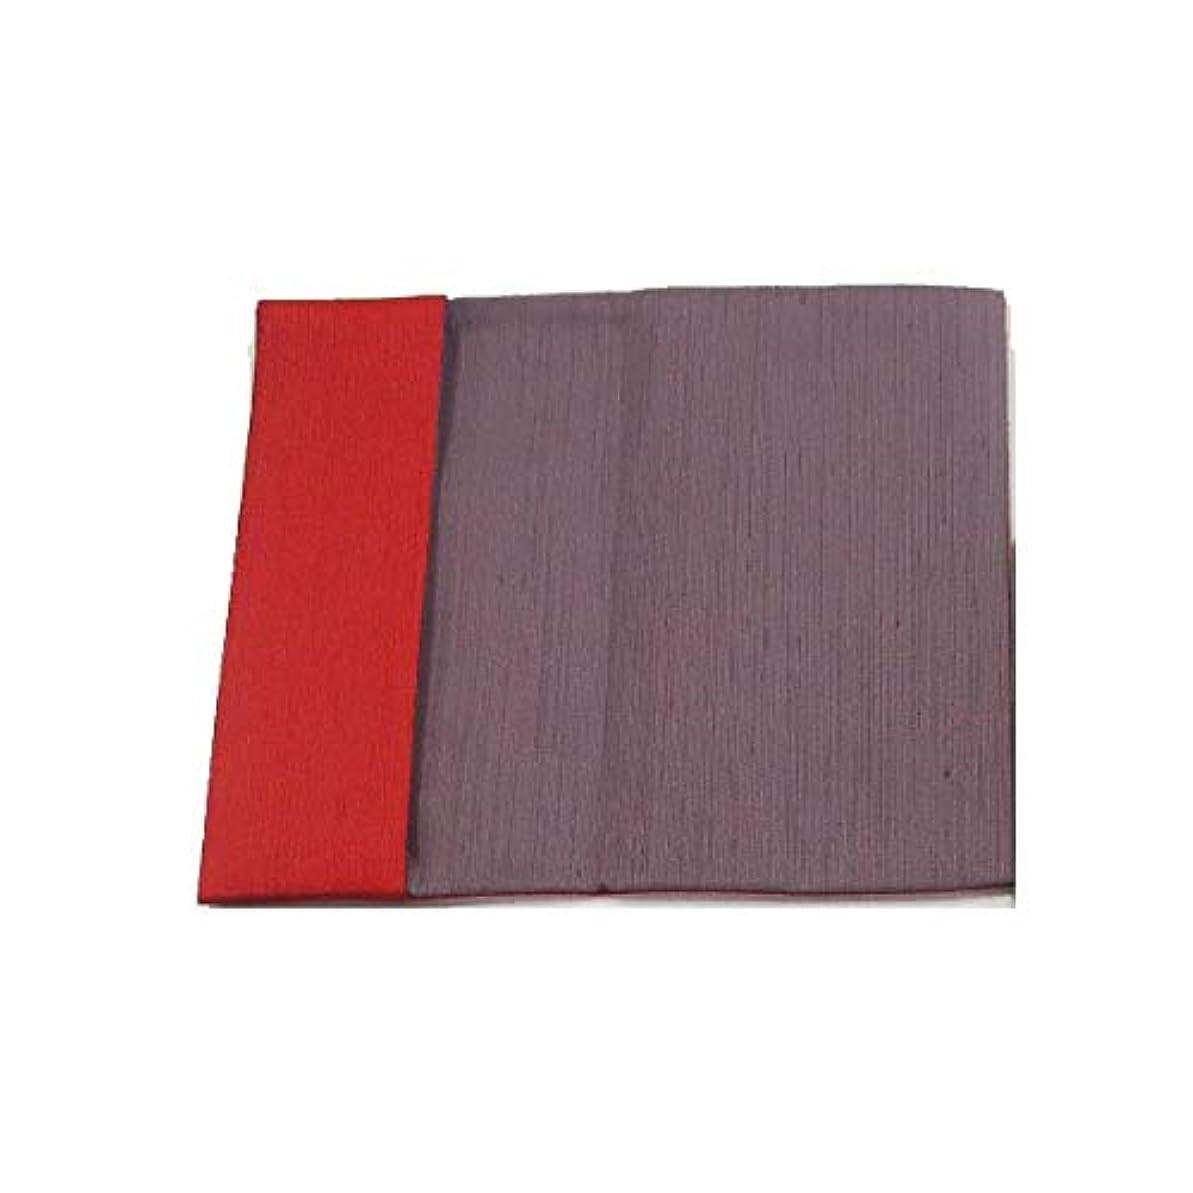 生理健康デザイナーHESAKA[ヘサカ] 袱紗 ポリエステル 紬 リバーシブル 金封 ふくさ 3色/